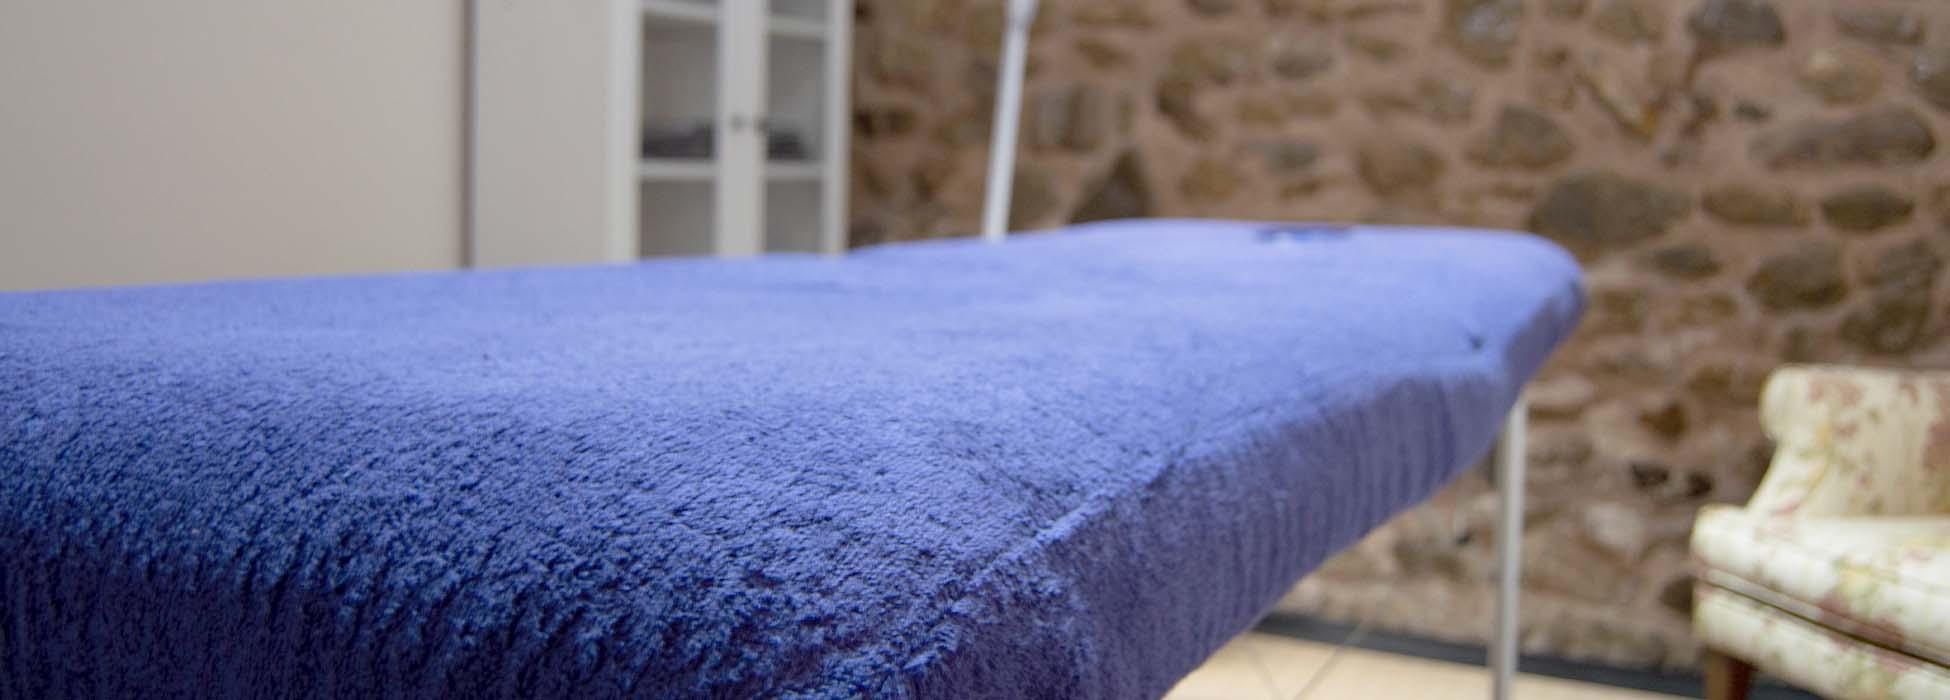 Servicios en el hotel rural de Burgos La Rioja masajes en camilla